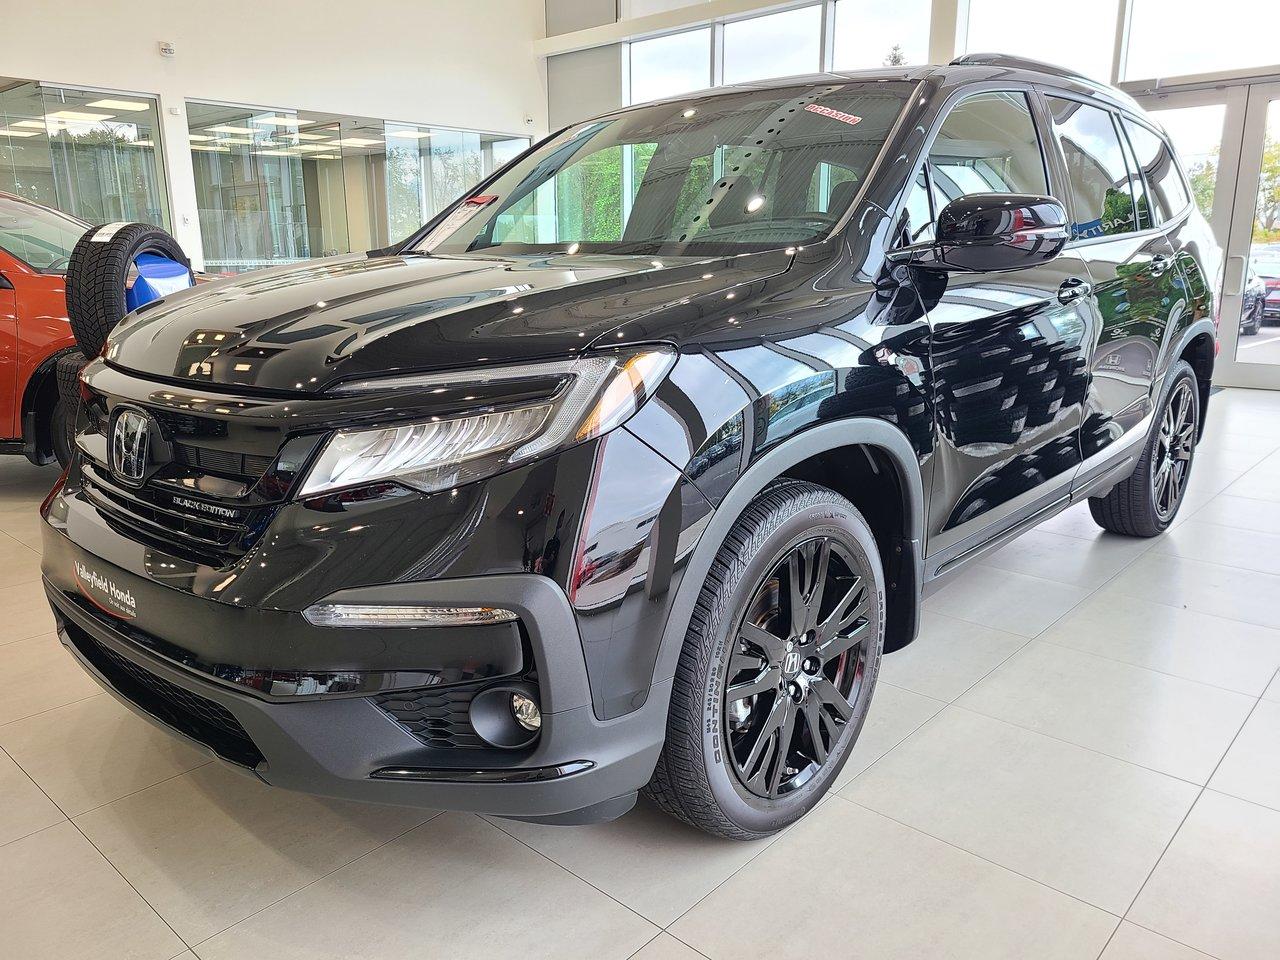 Honda Pilot 2020 Black Edition Comme neuf! Bas KM Tout équipé